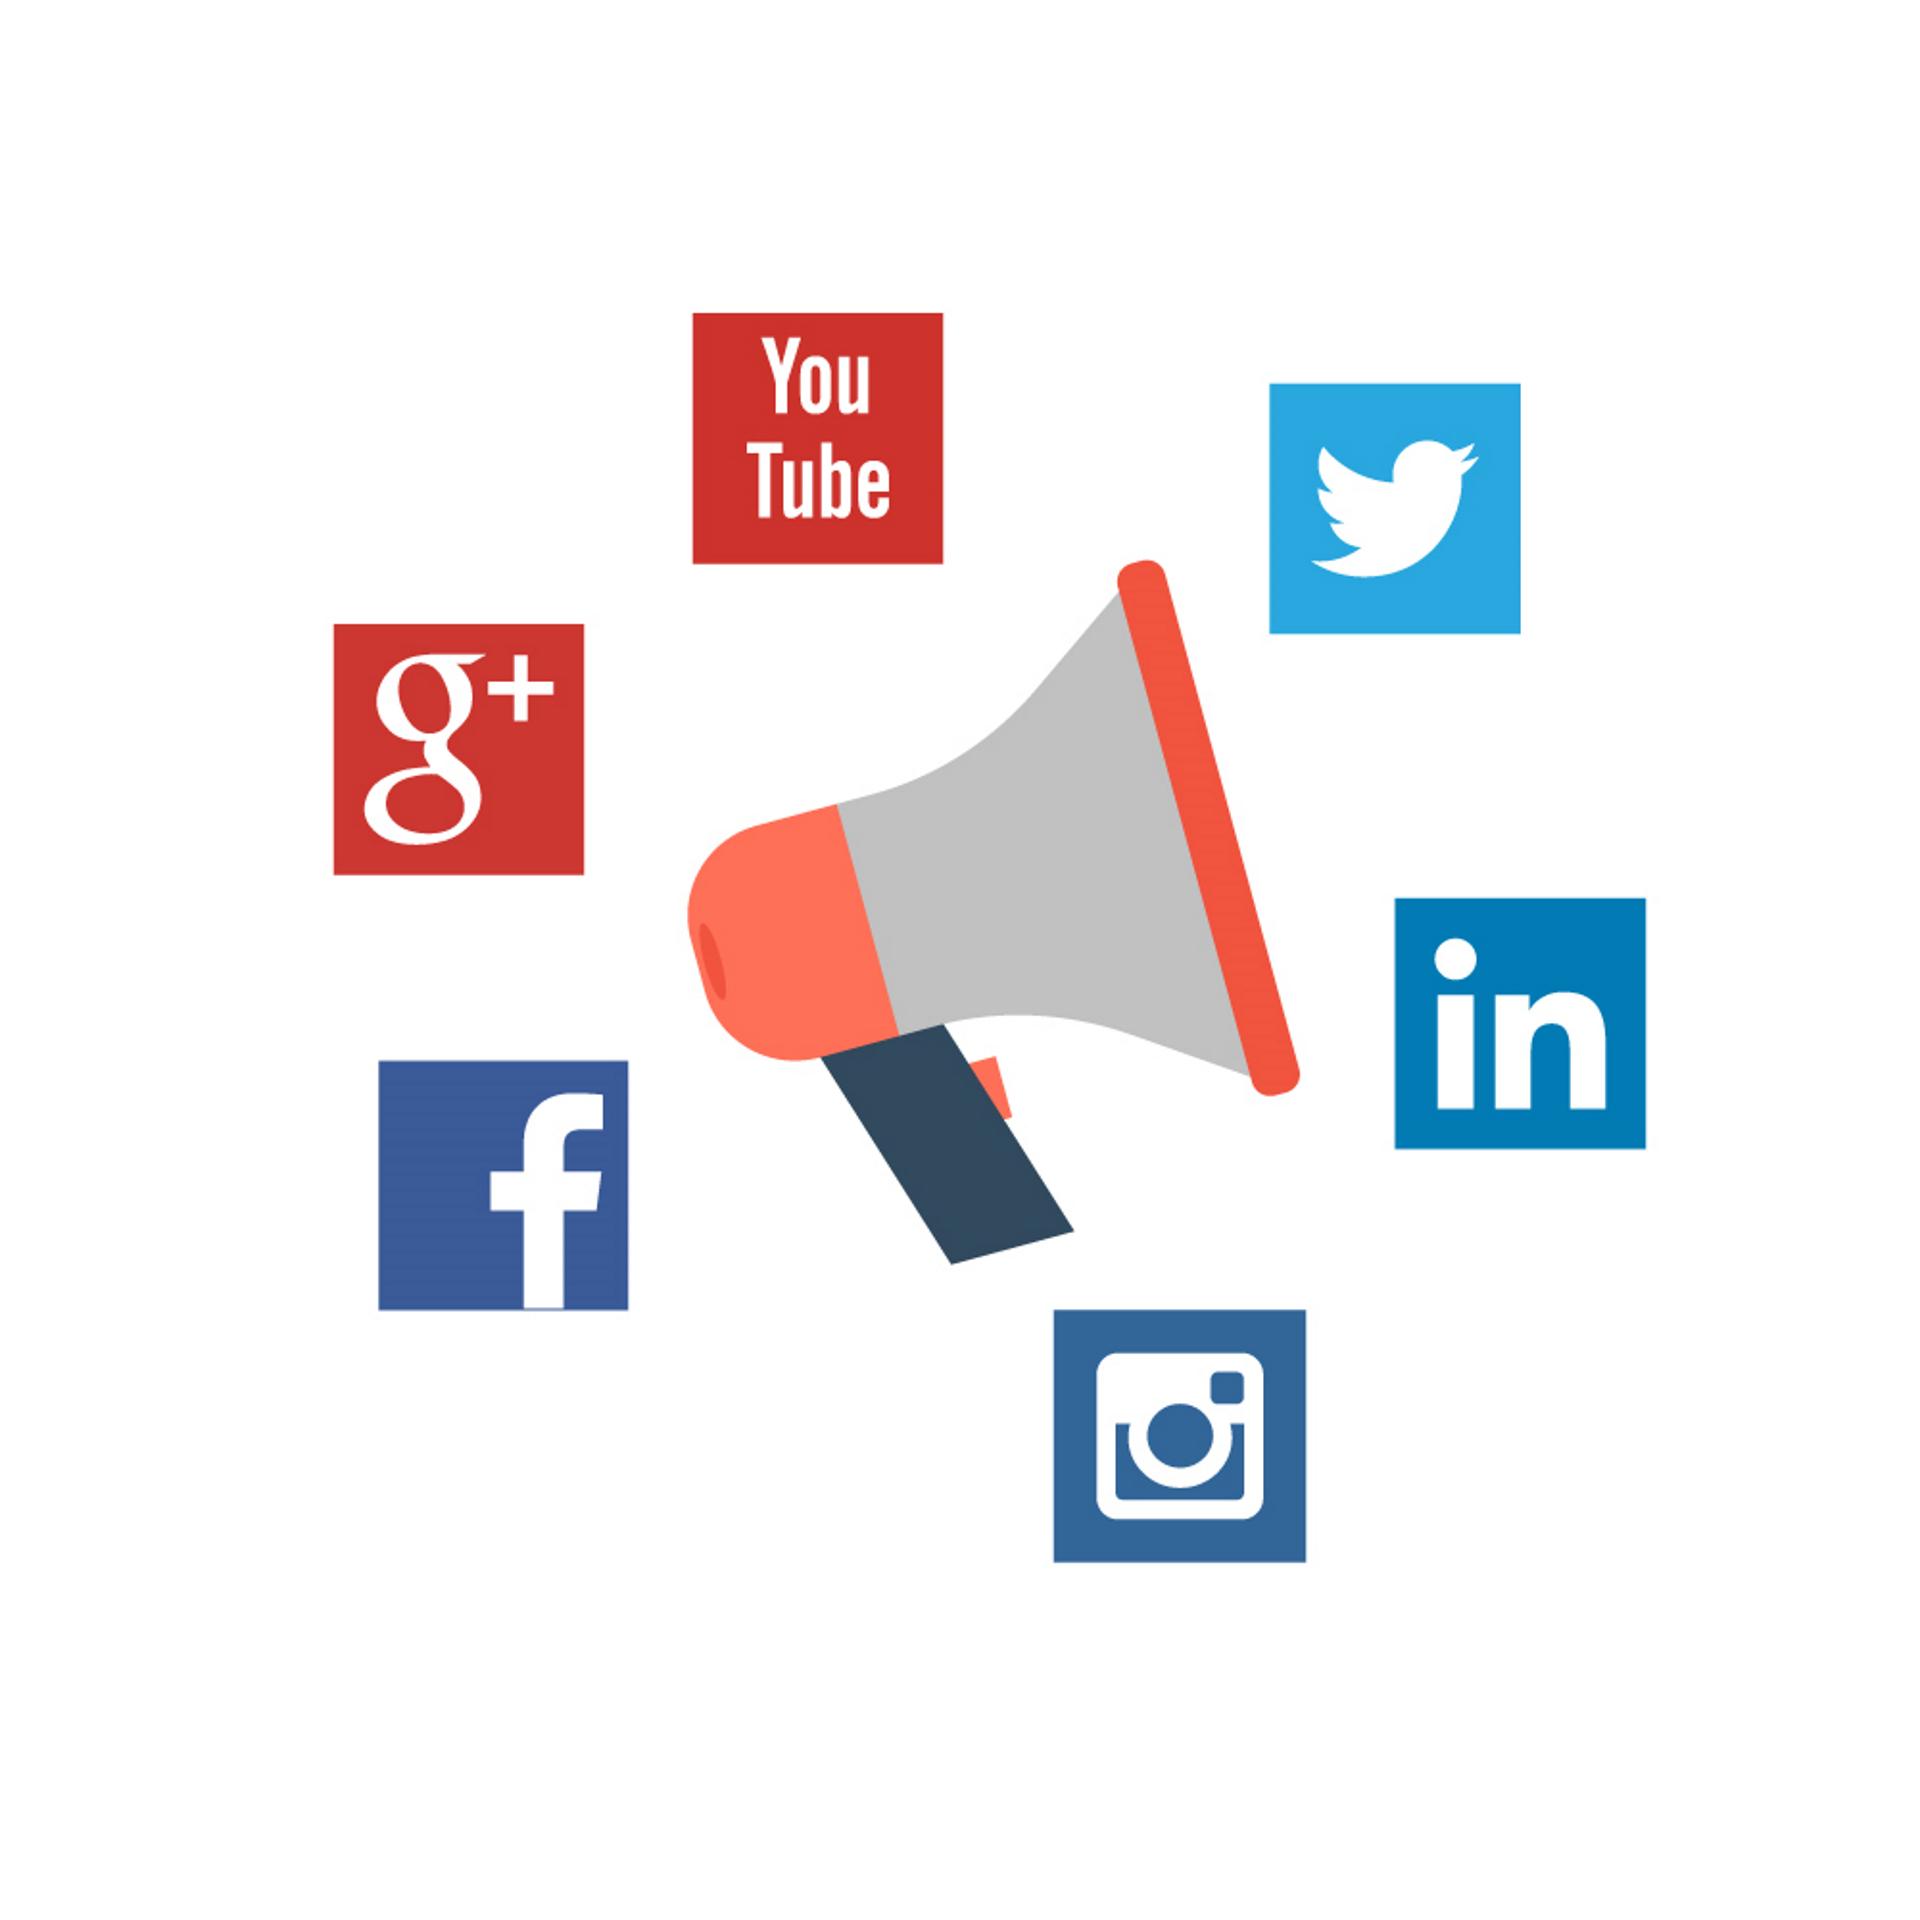 Ottimizza i social media: il SEO che devi conoscere per far crescere il tuo business